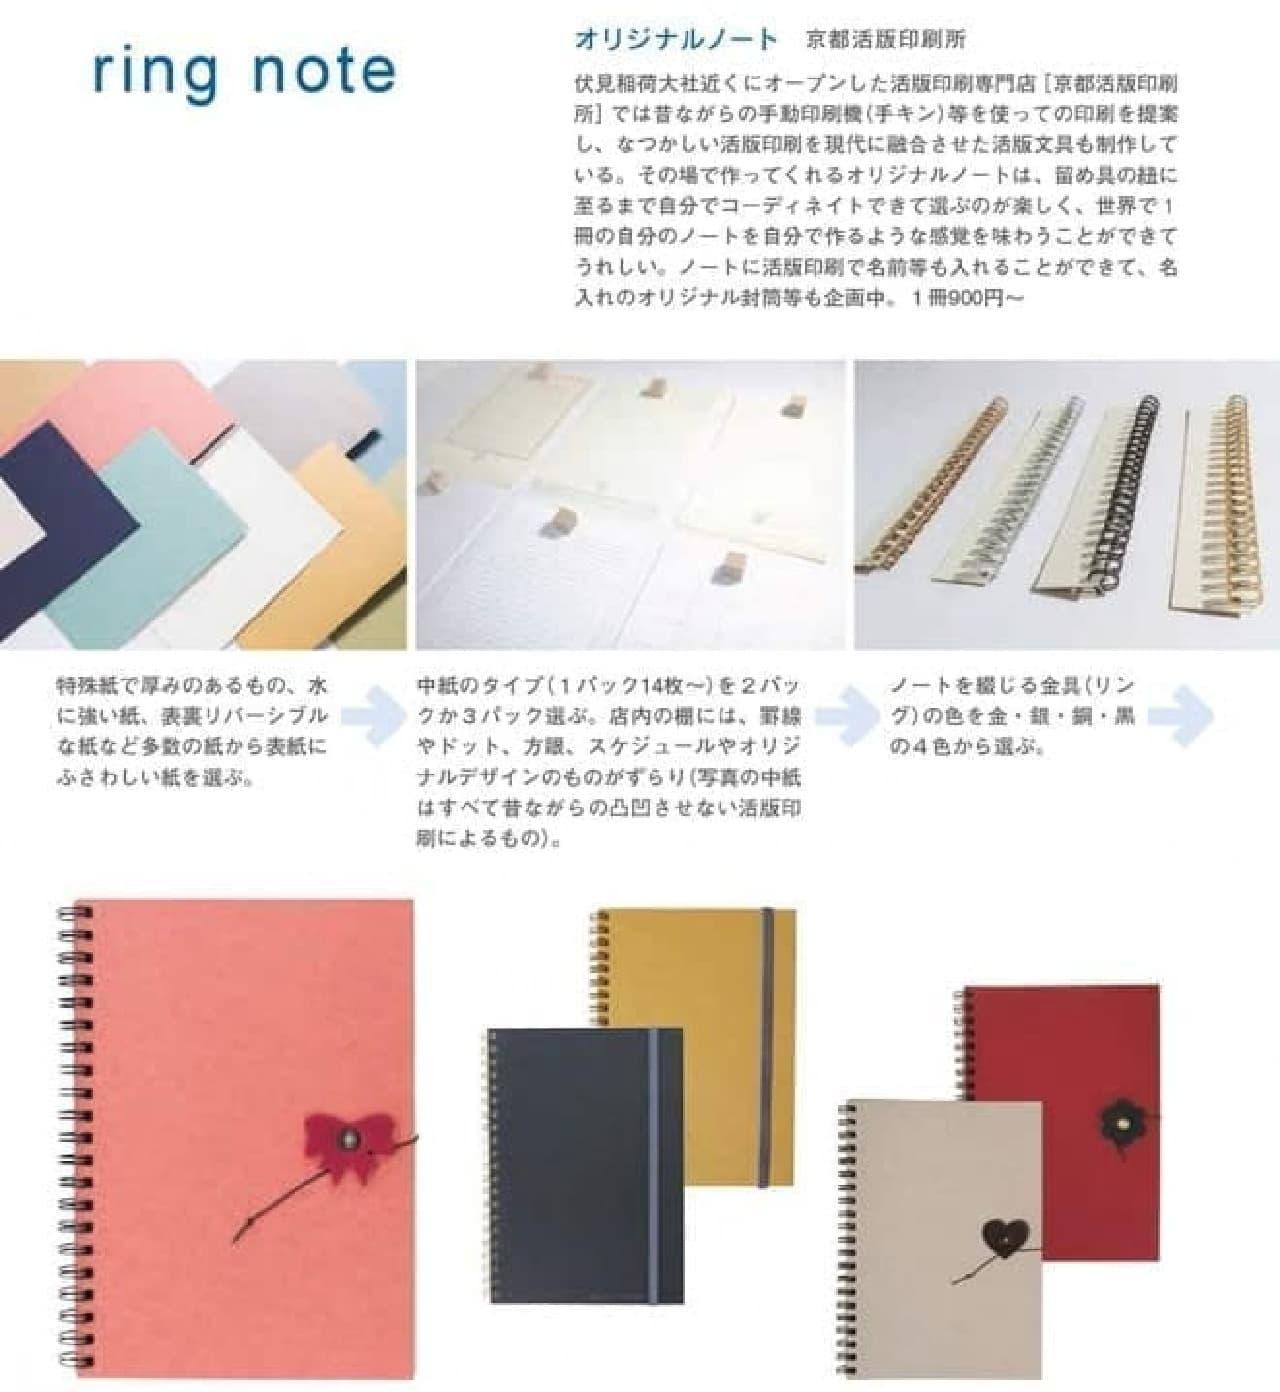 『京都文具大全』で紹介されている「京都活版印刷所」で製作してくれるオリジナルノート